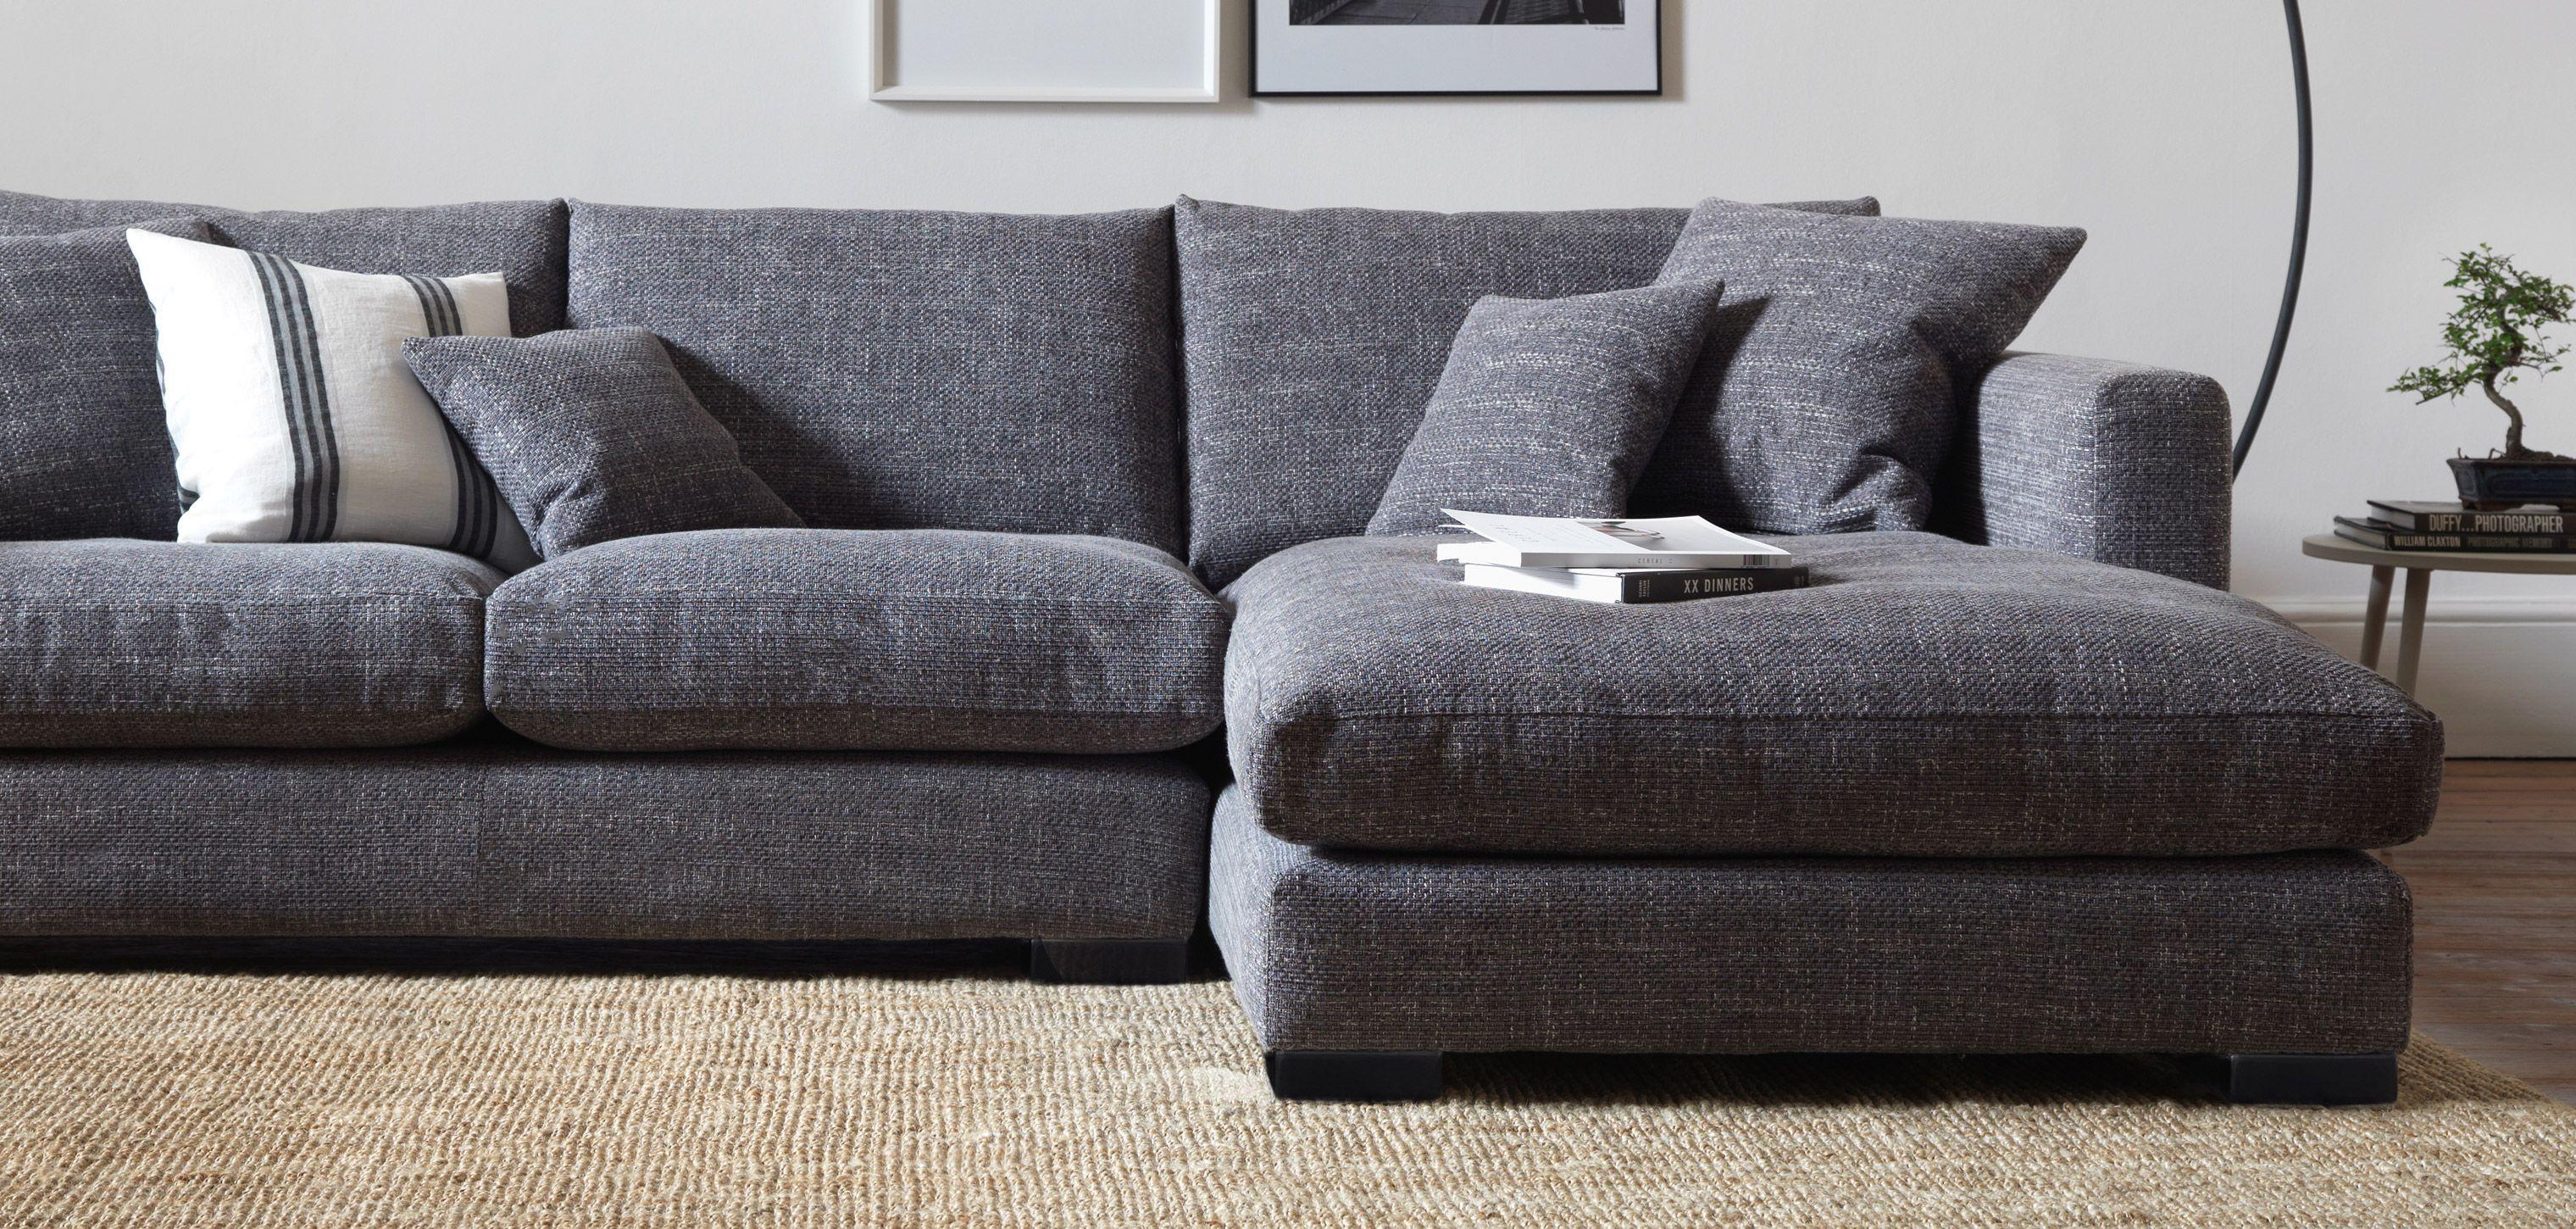 Modular Sofa Modular Sofa Modular Couch Sofa Set Designs